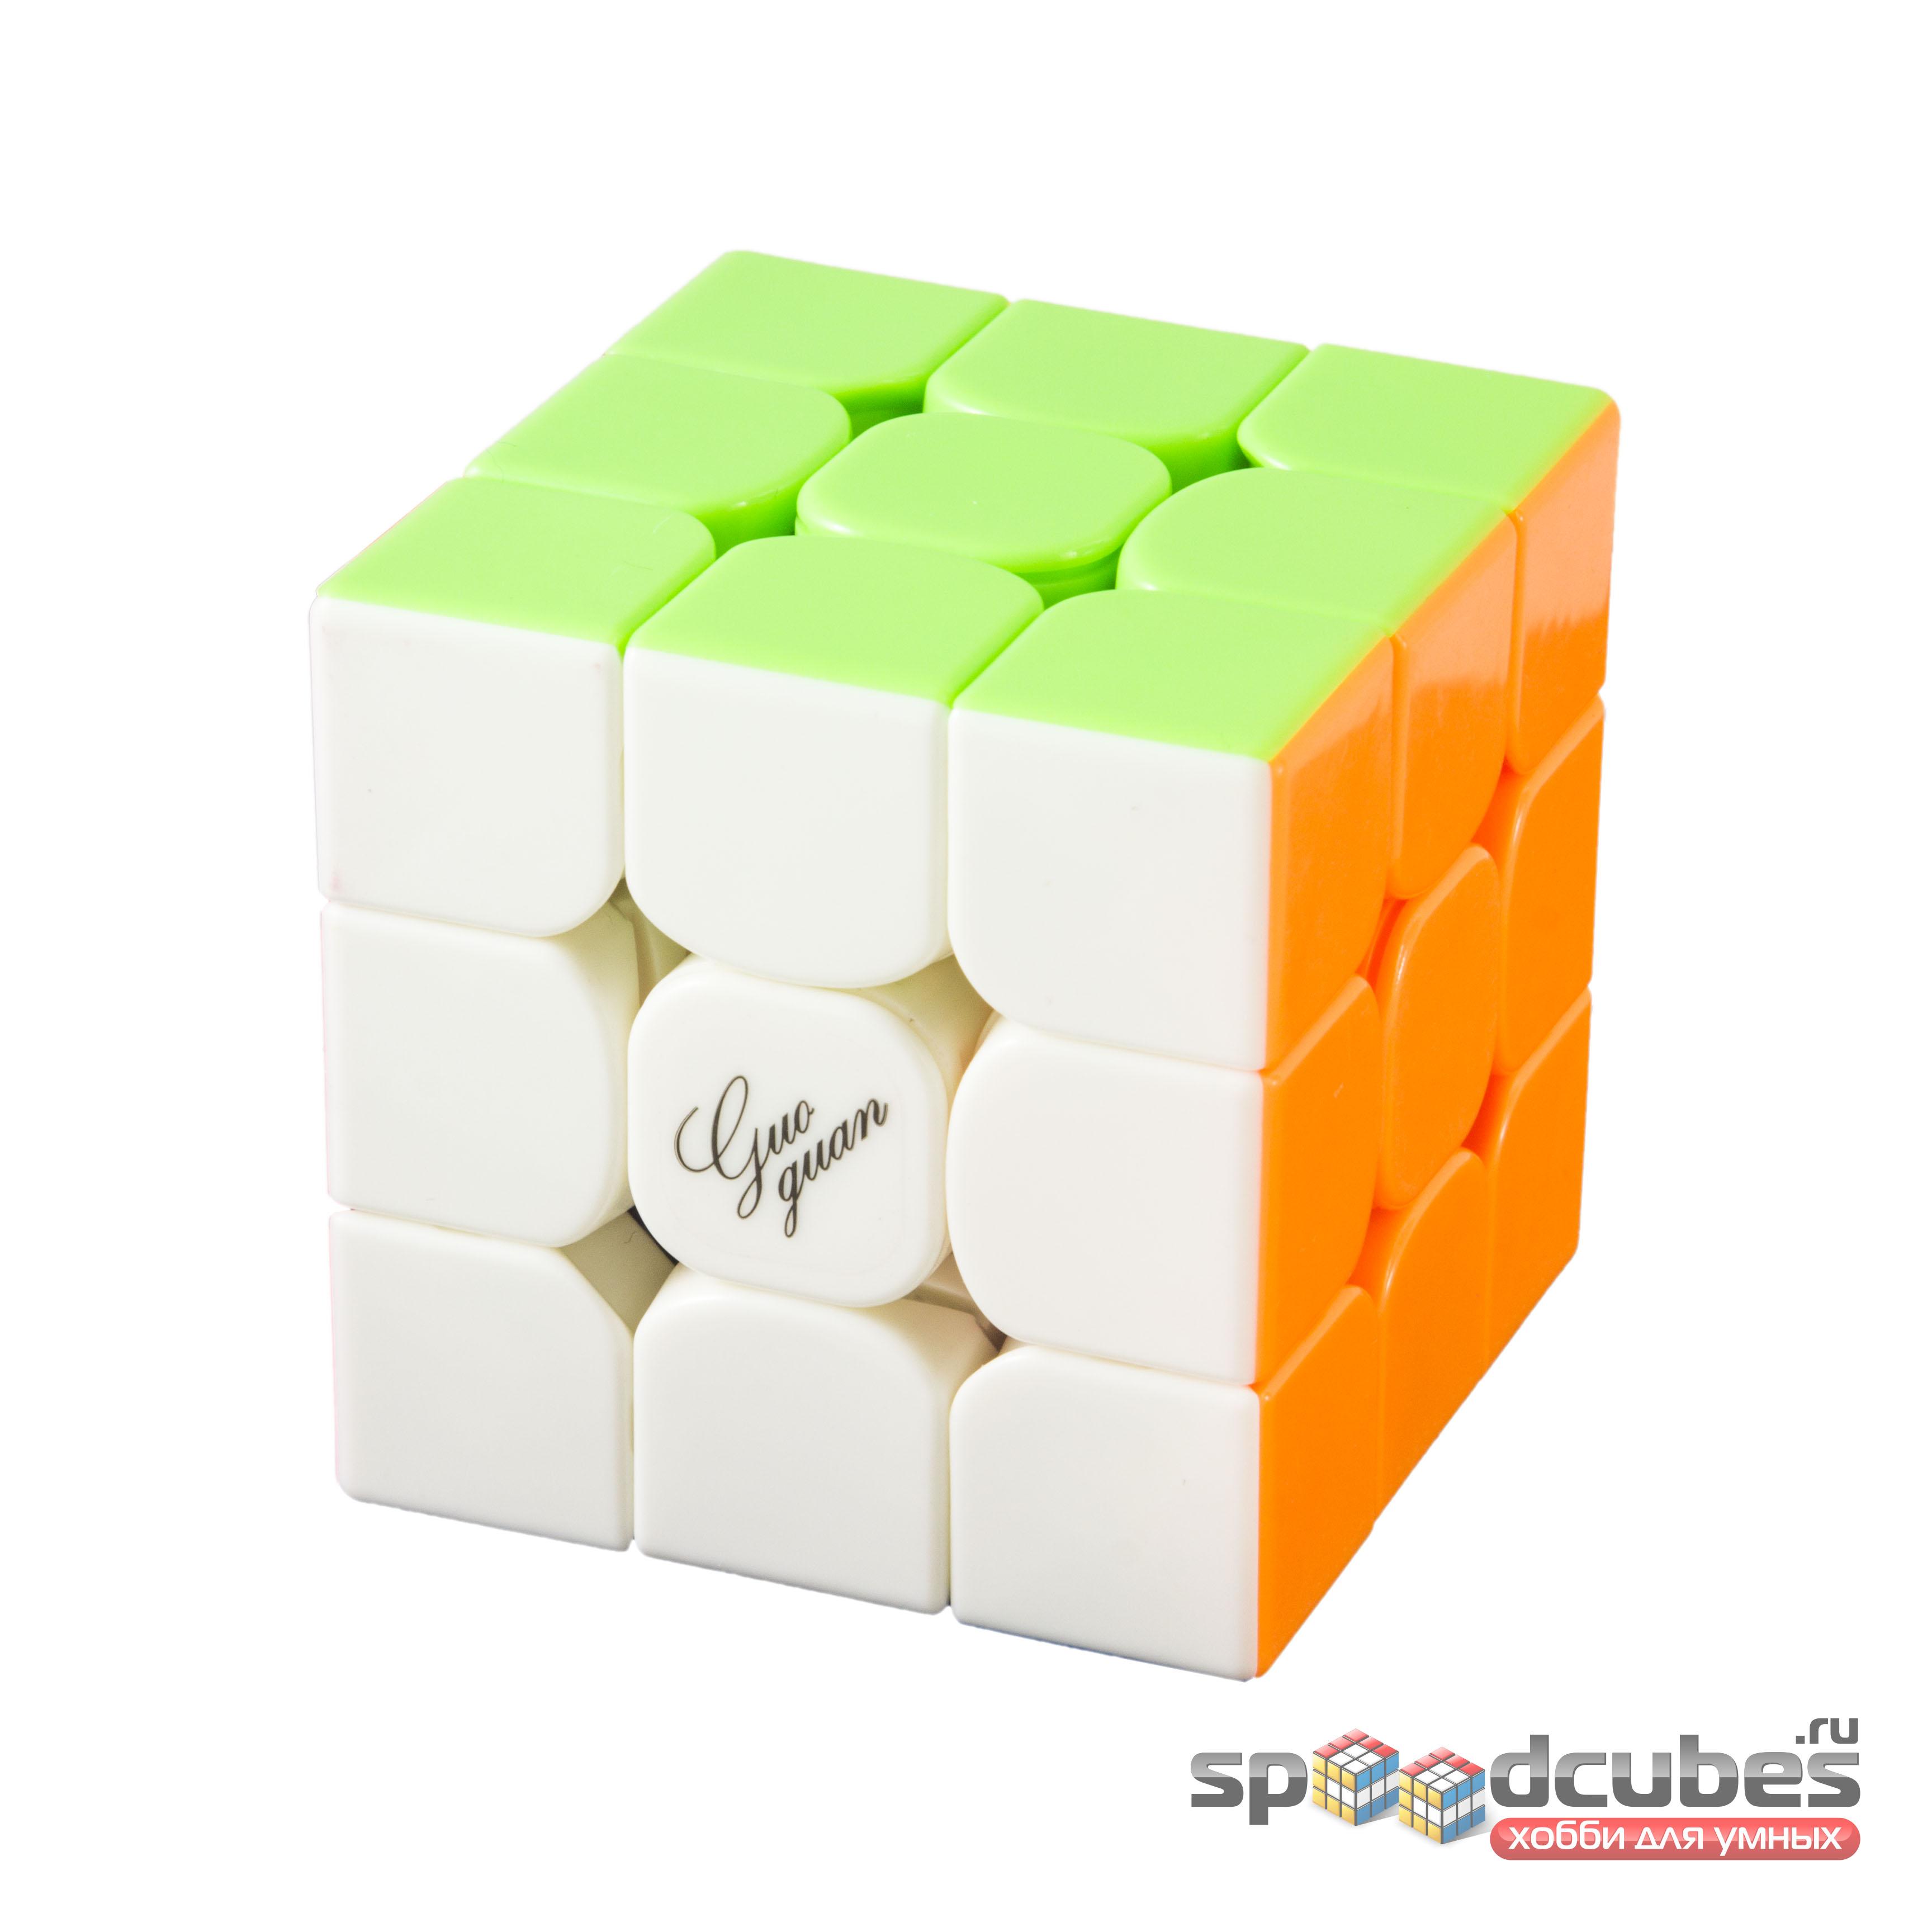 Moyu 3x3x3 Guoguan Yuexiao Pro Color 1